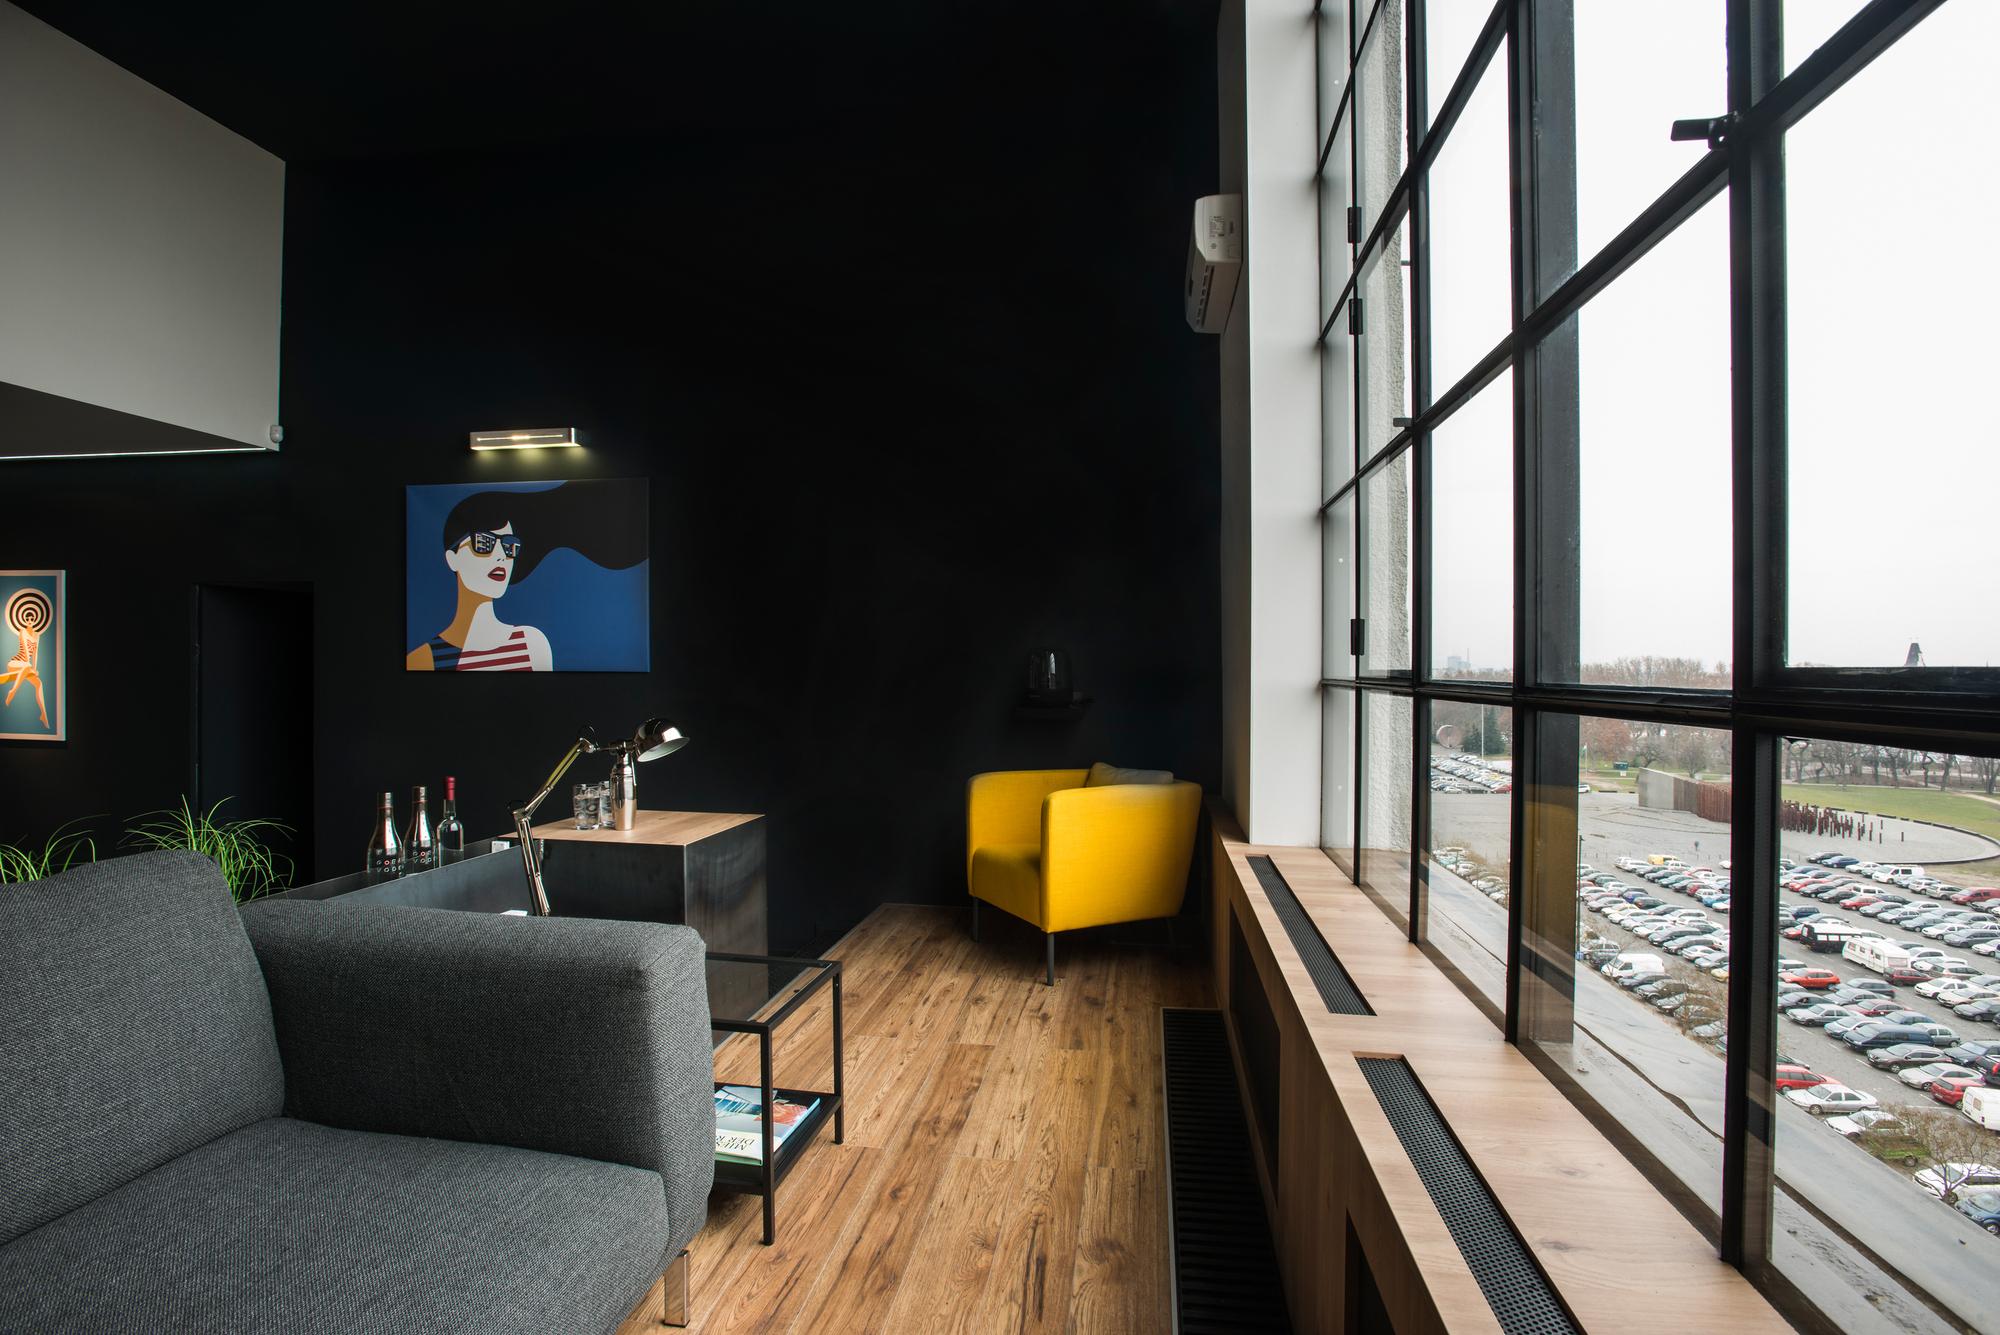 Gallery of Studio Loft  GASPARBONTA  4